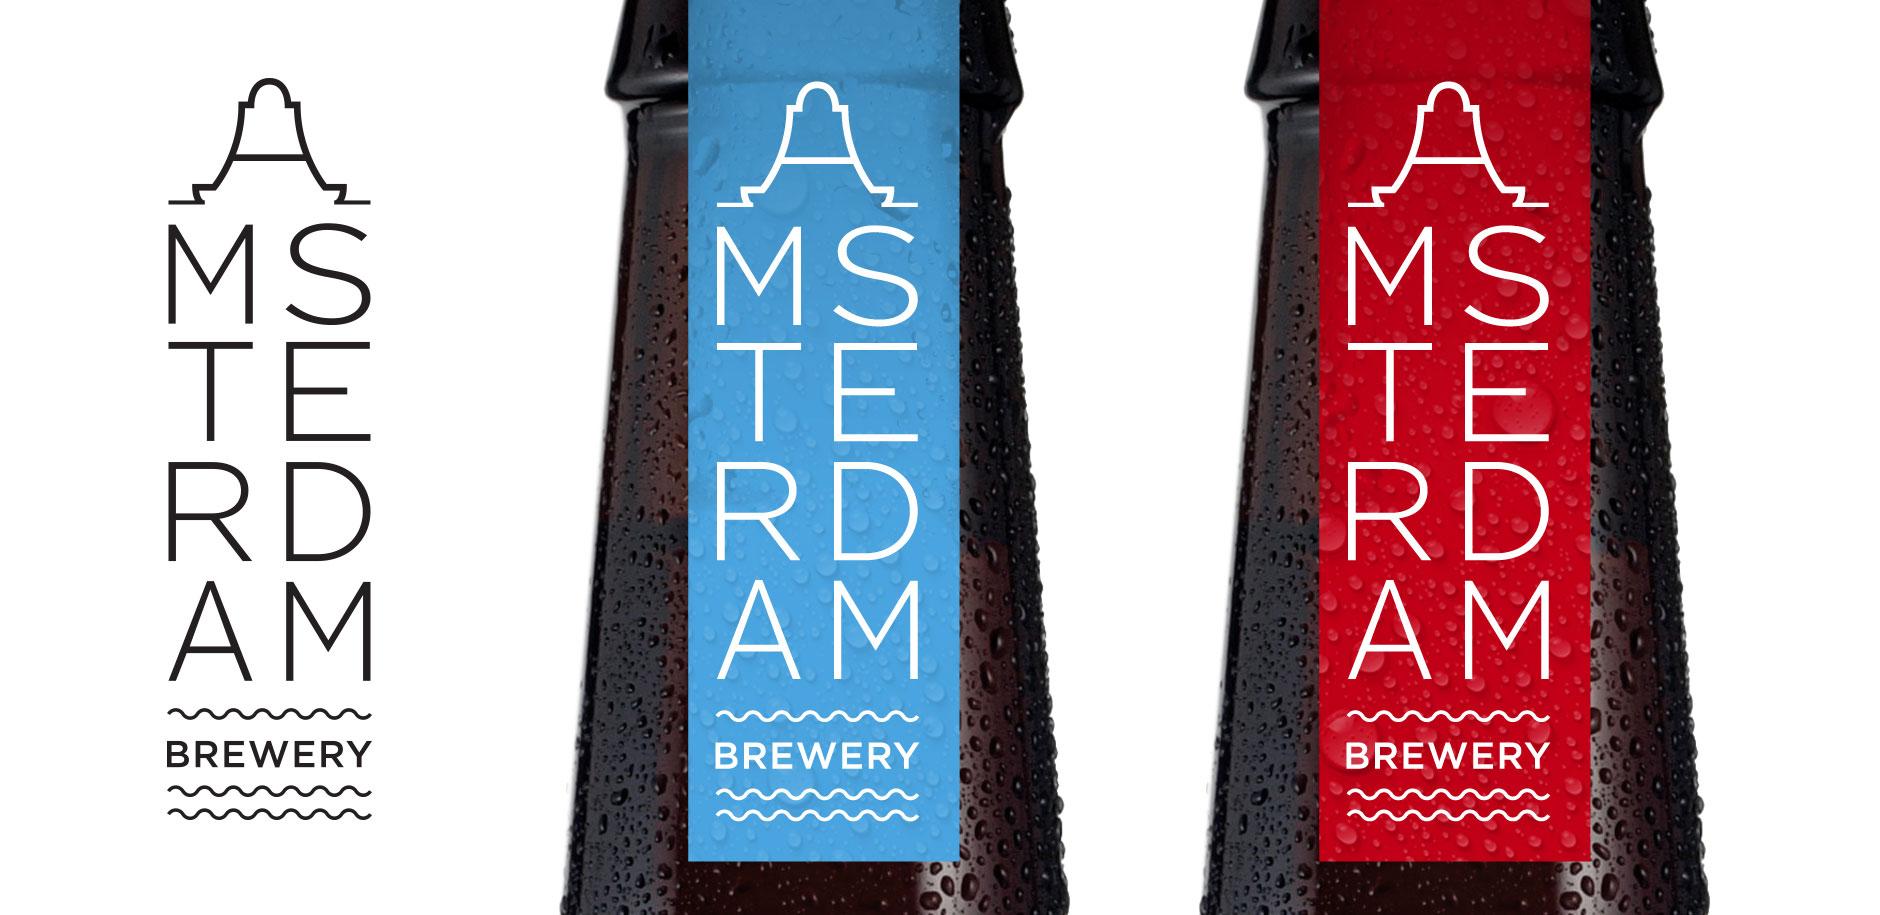 Beer_innovation_2